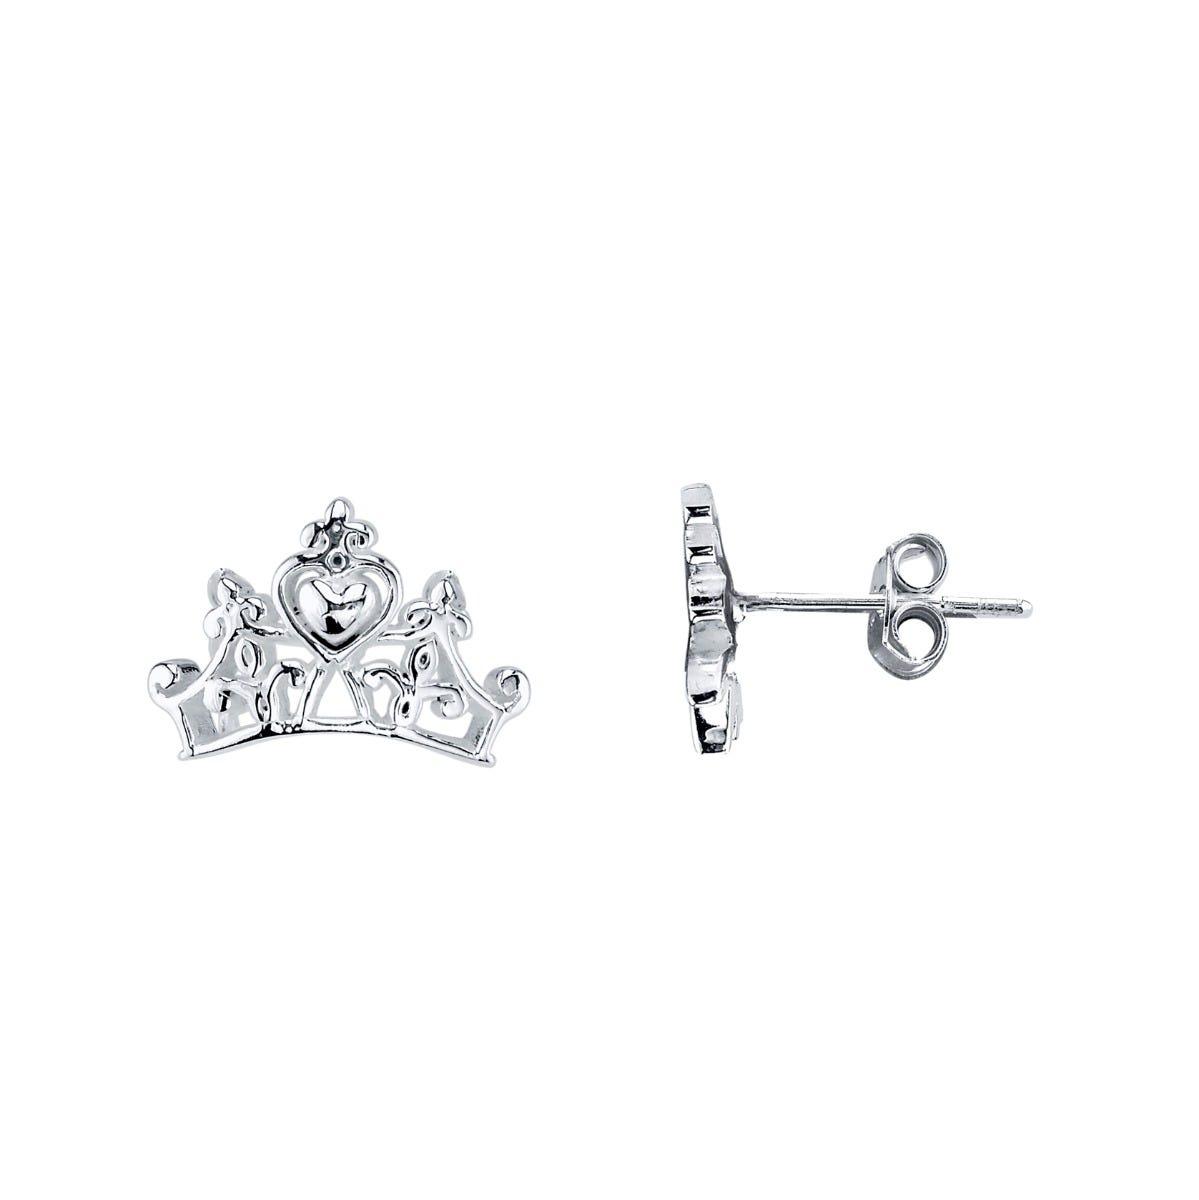 Disney© Princess Tiara Stud Earrings in Sterling Silver